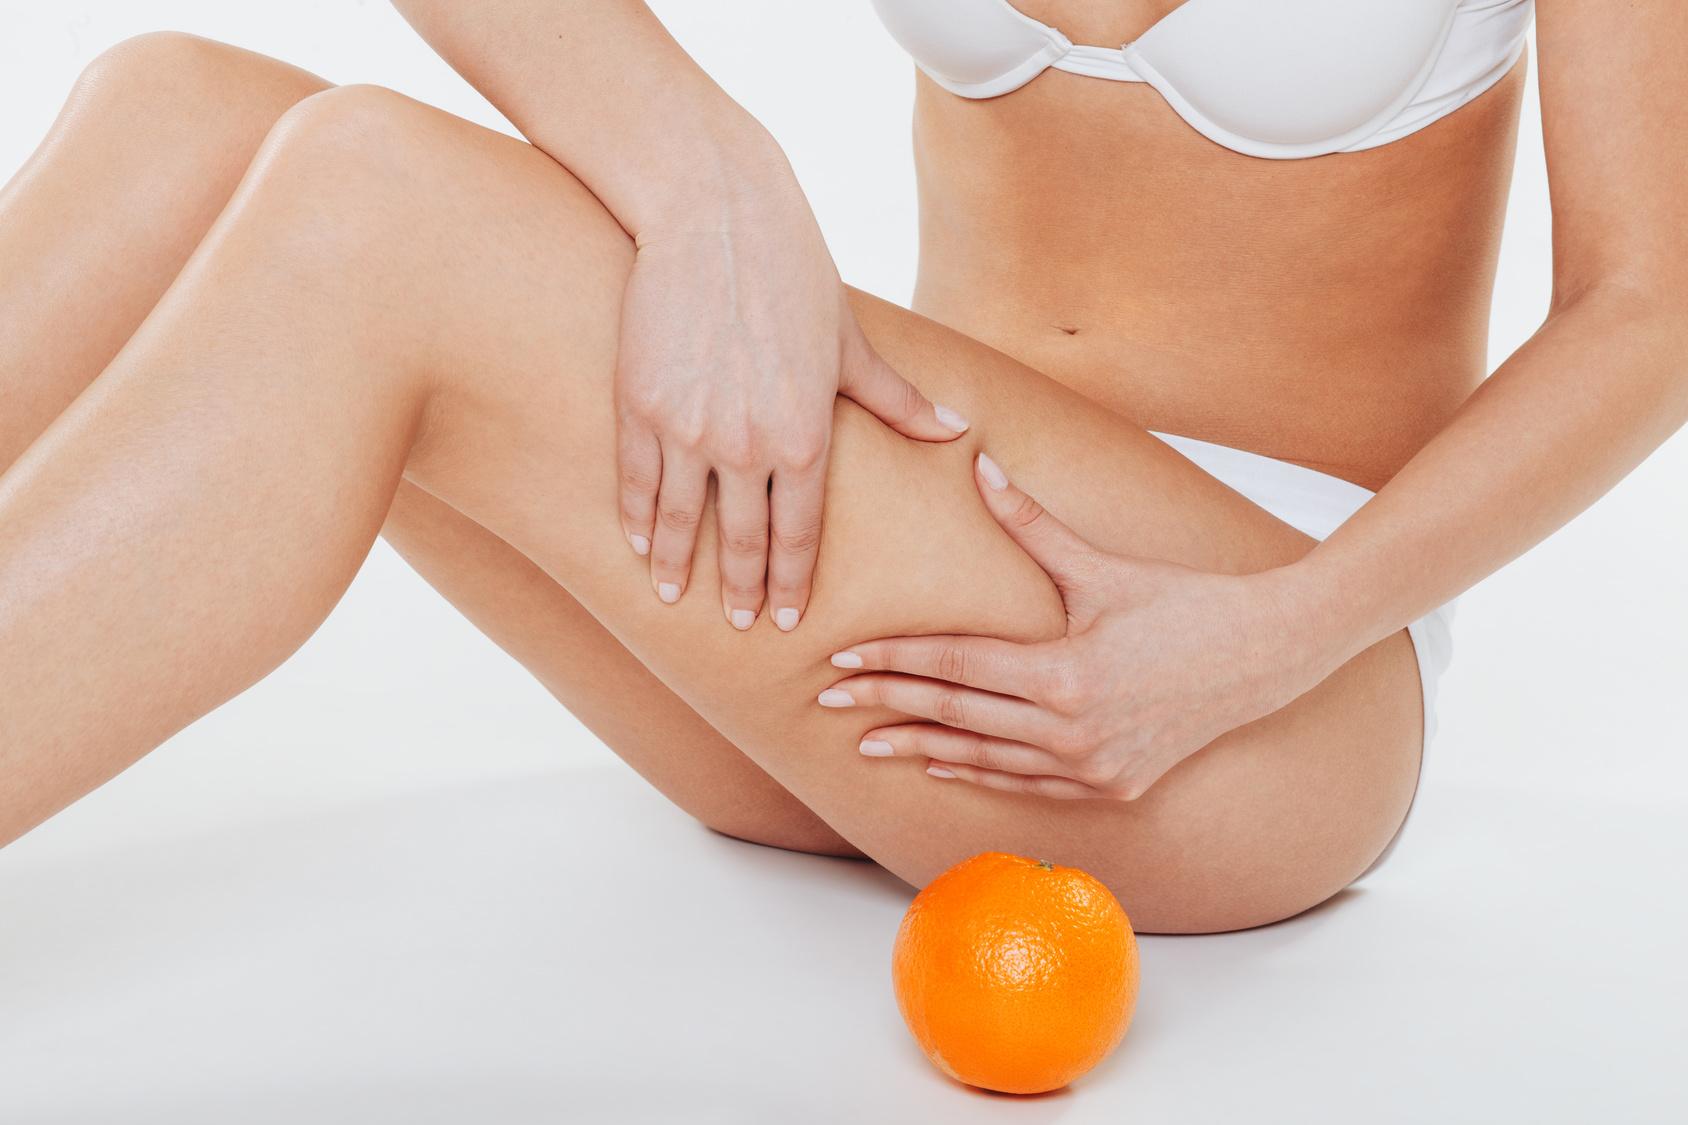 Trattamenti Per Cellulite Gambe Tuame It